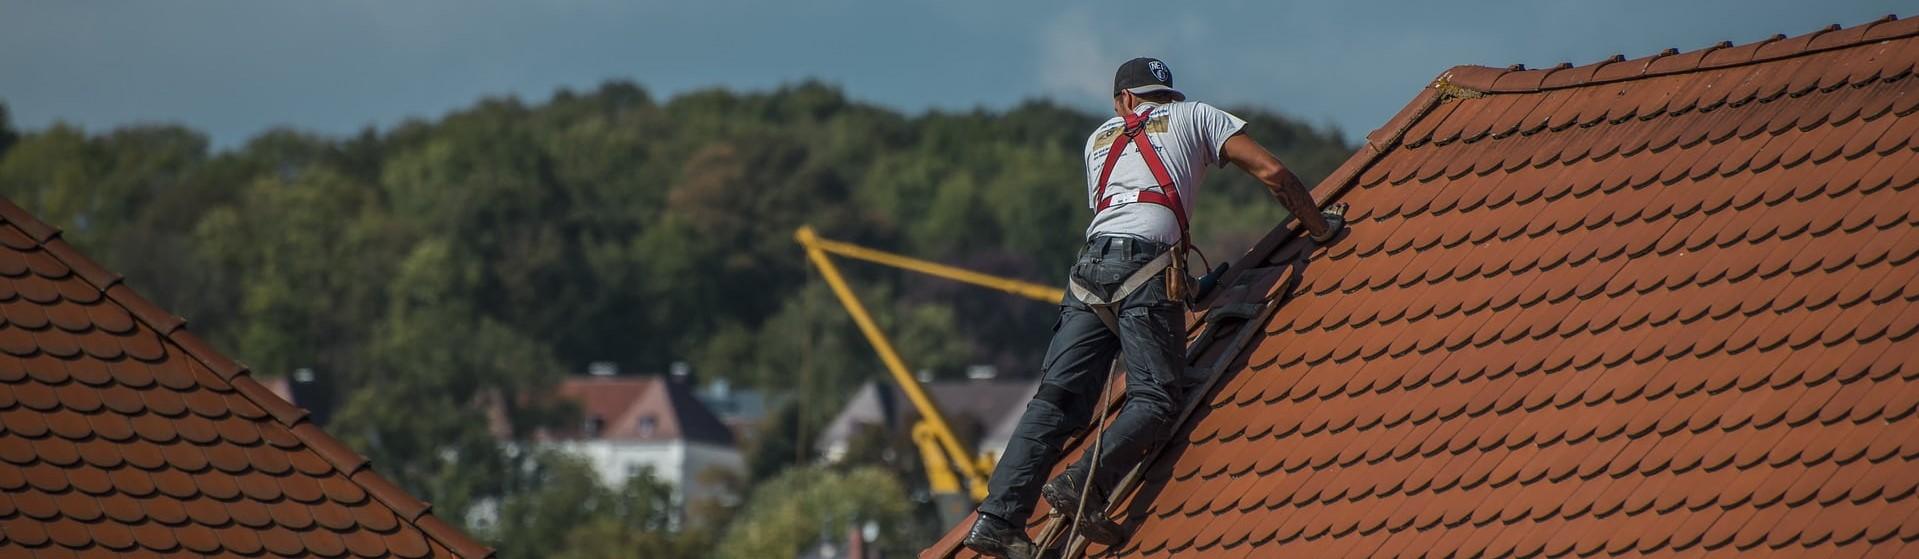 Travaux toiture à Liège - Wazaa